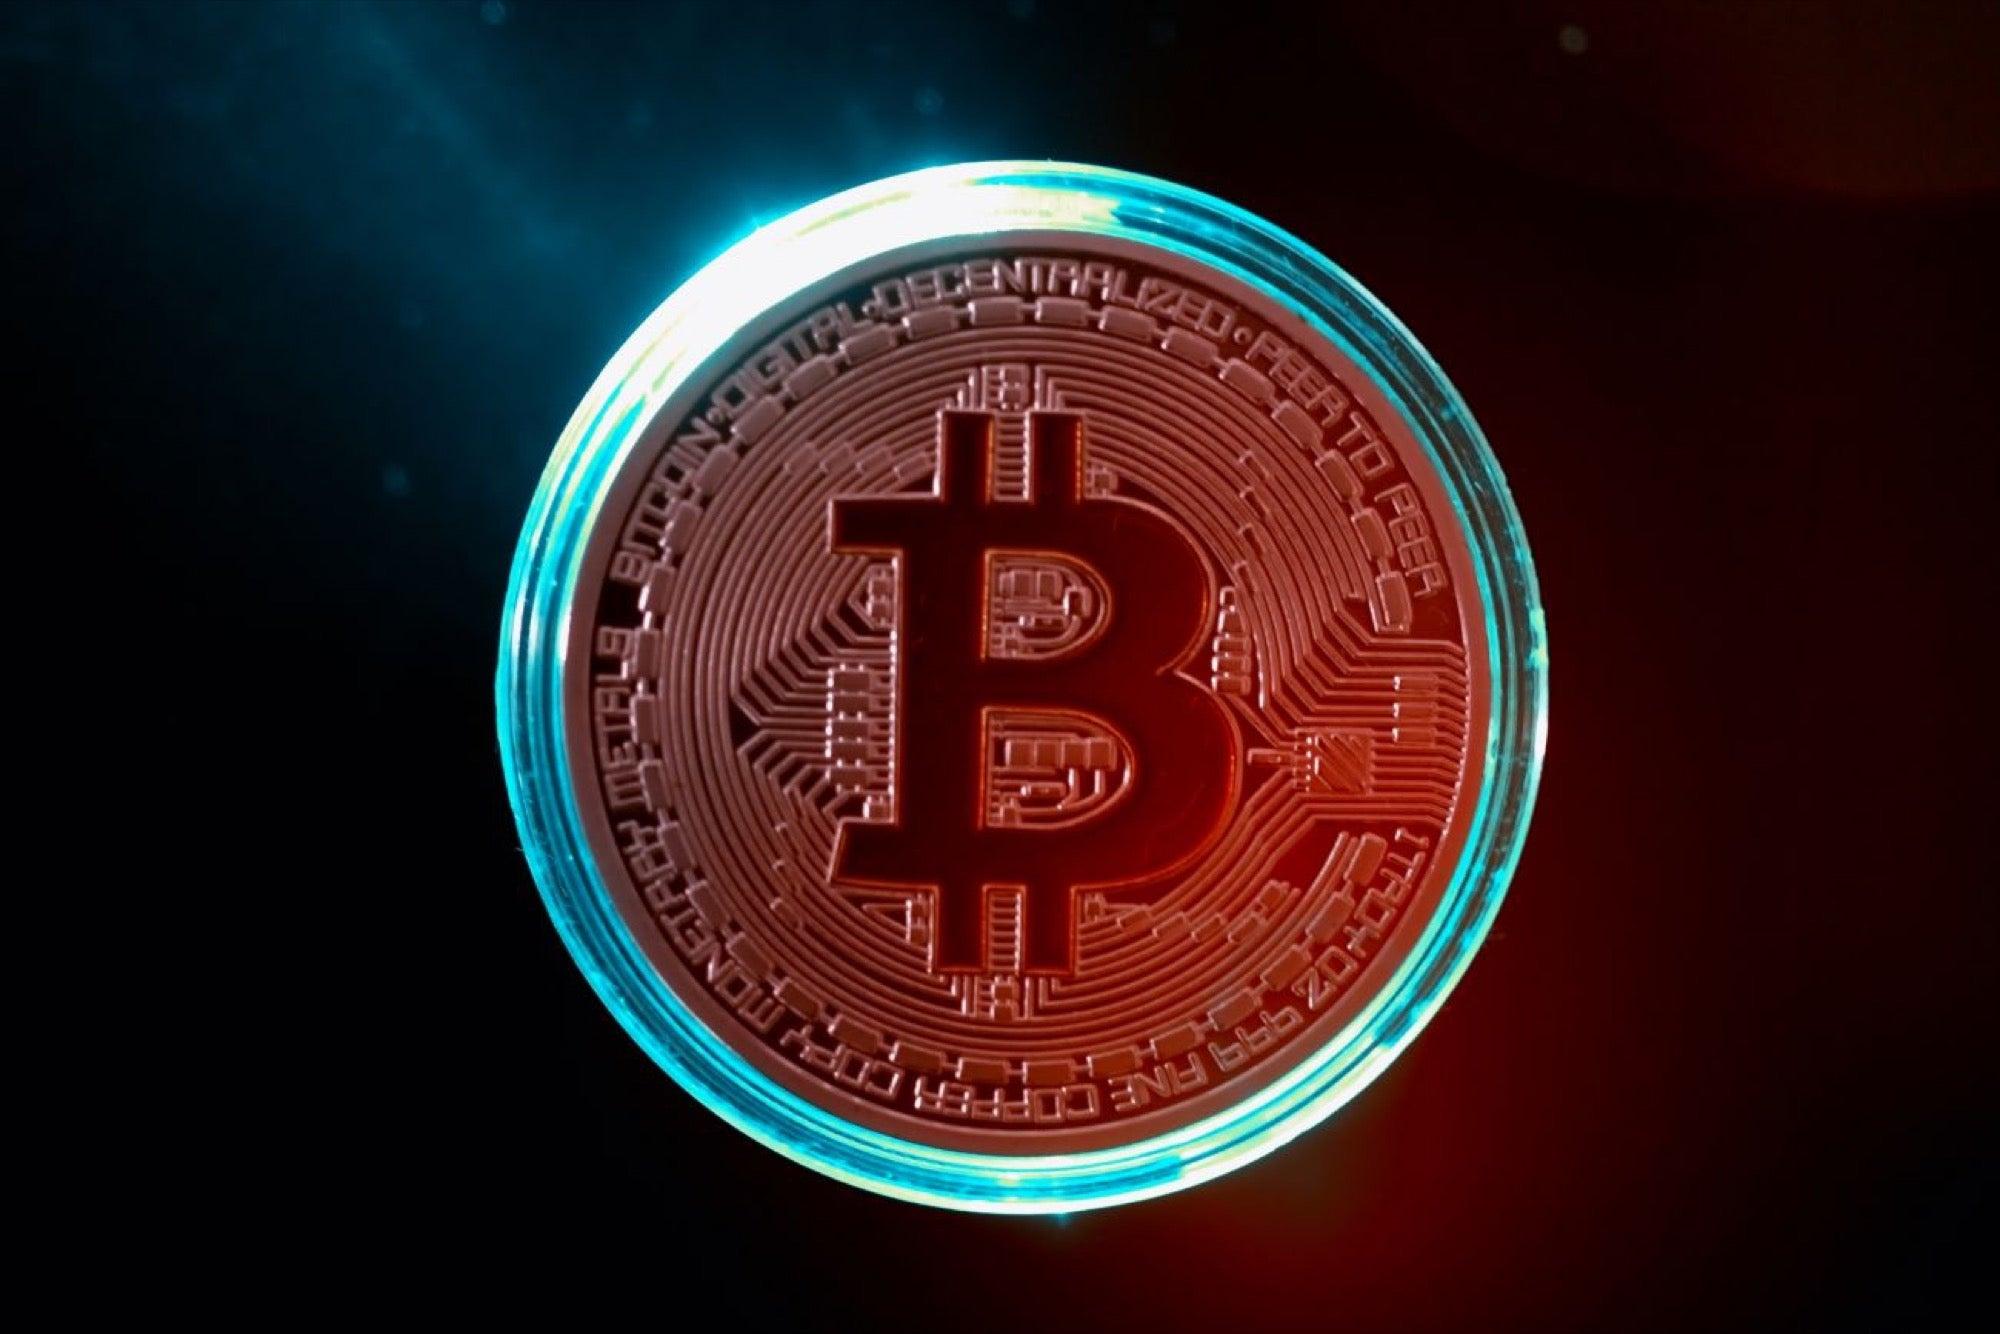 st Analistler Çöküş Sonrası Bitcoin BTC Fiyatının Göreceği Seviyeleri Açıkladılar